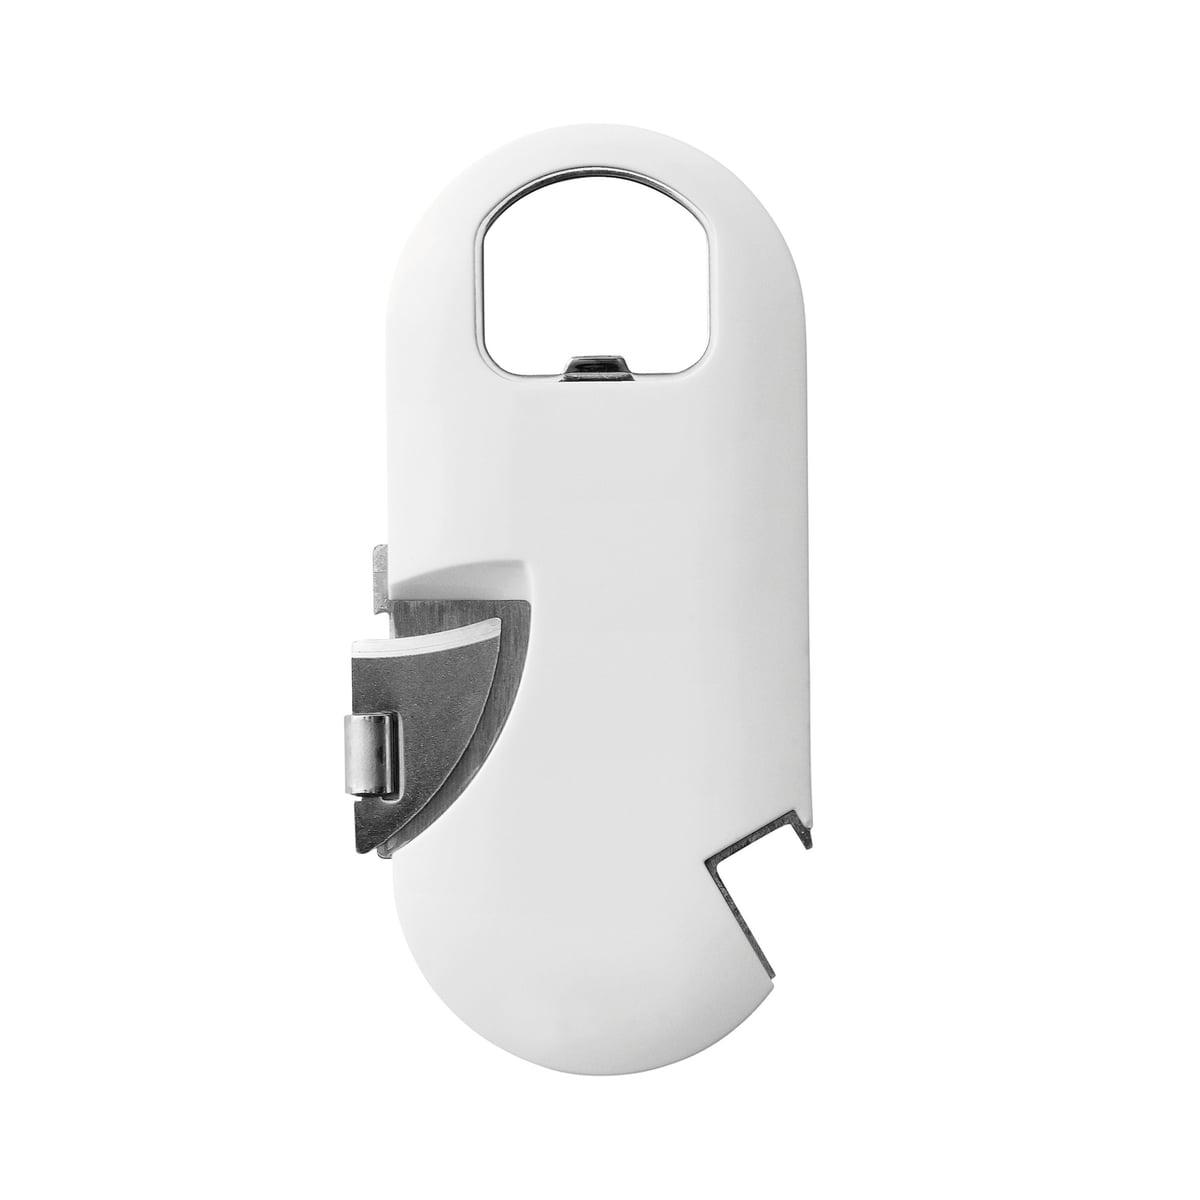 Rig-Tig by Stelton - Multi Öffner | Küche und Esszimmer > Kochen und Backen | Weiß | Edelstahl -  kunststoff | Stelton